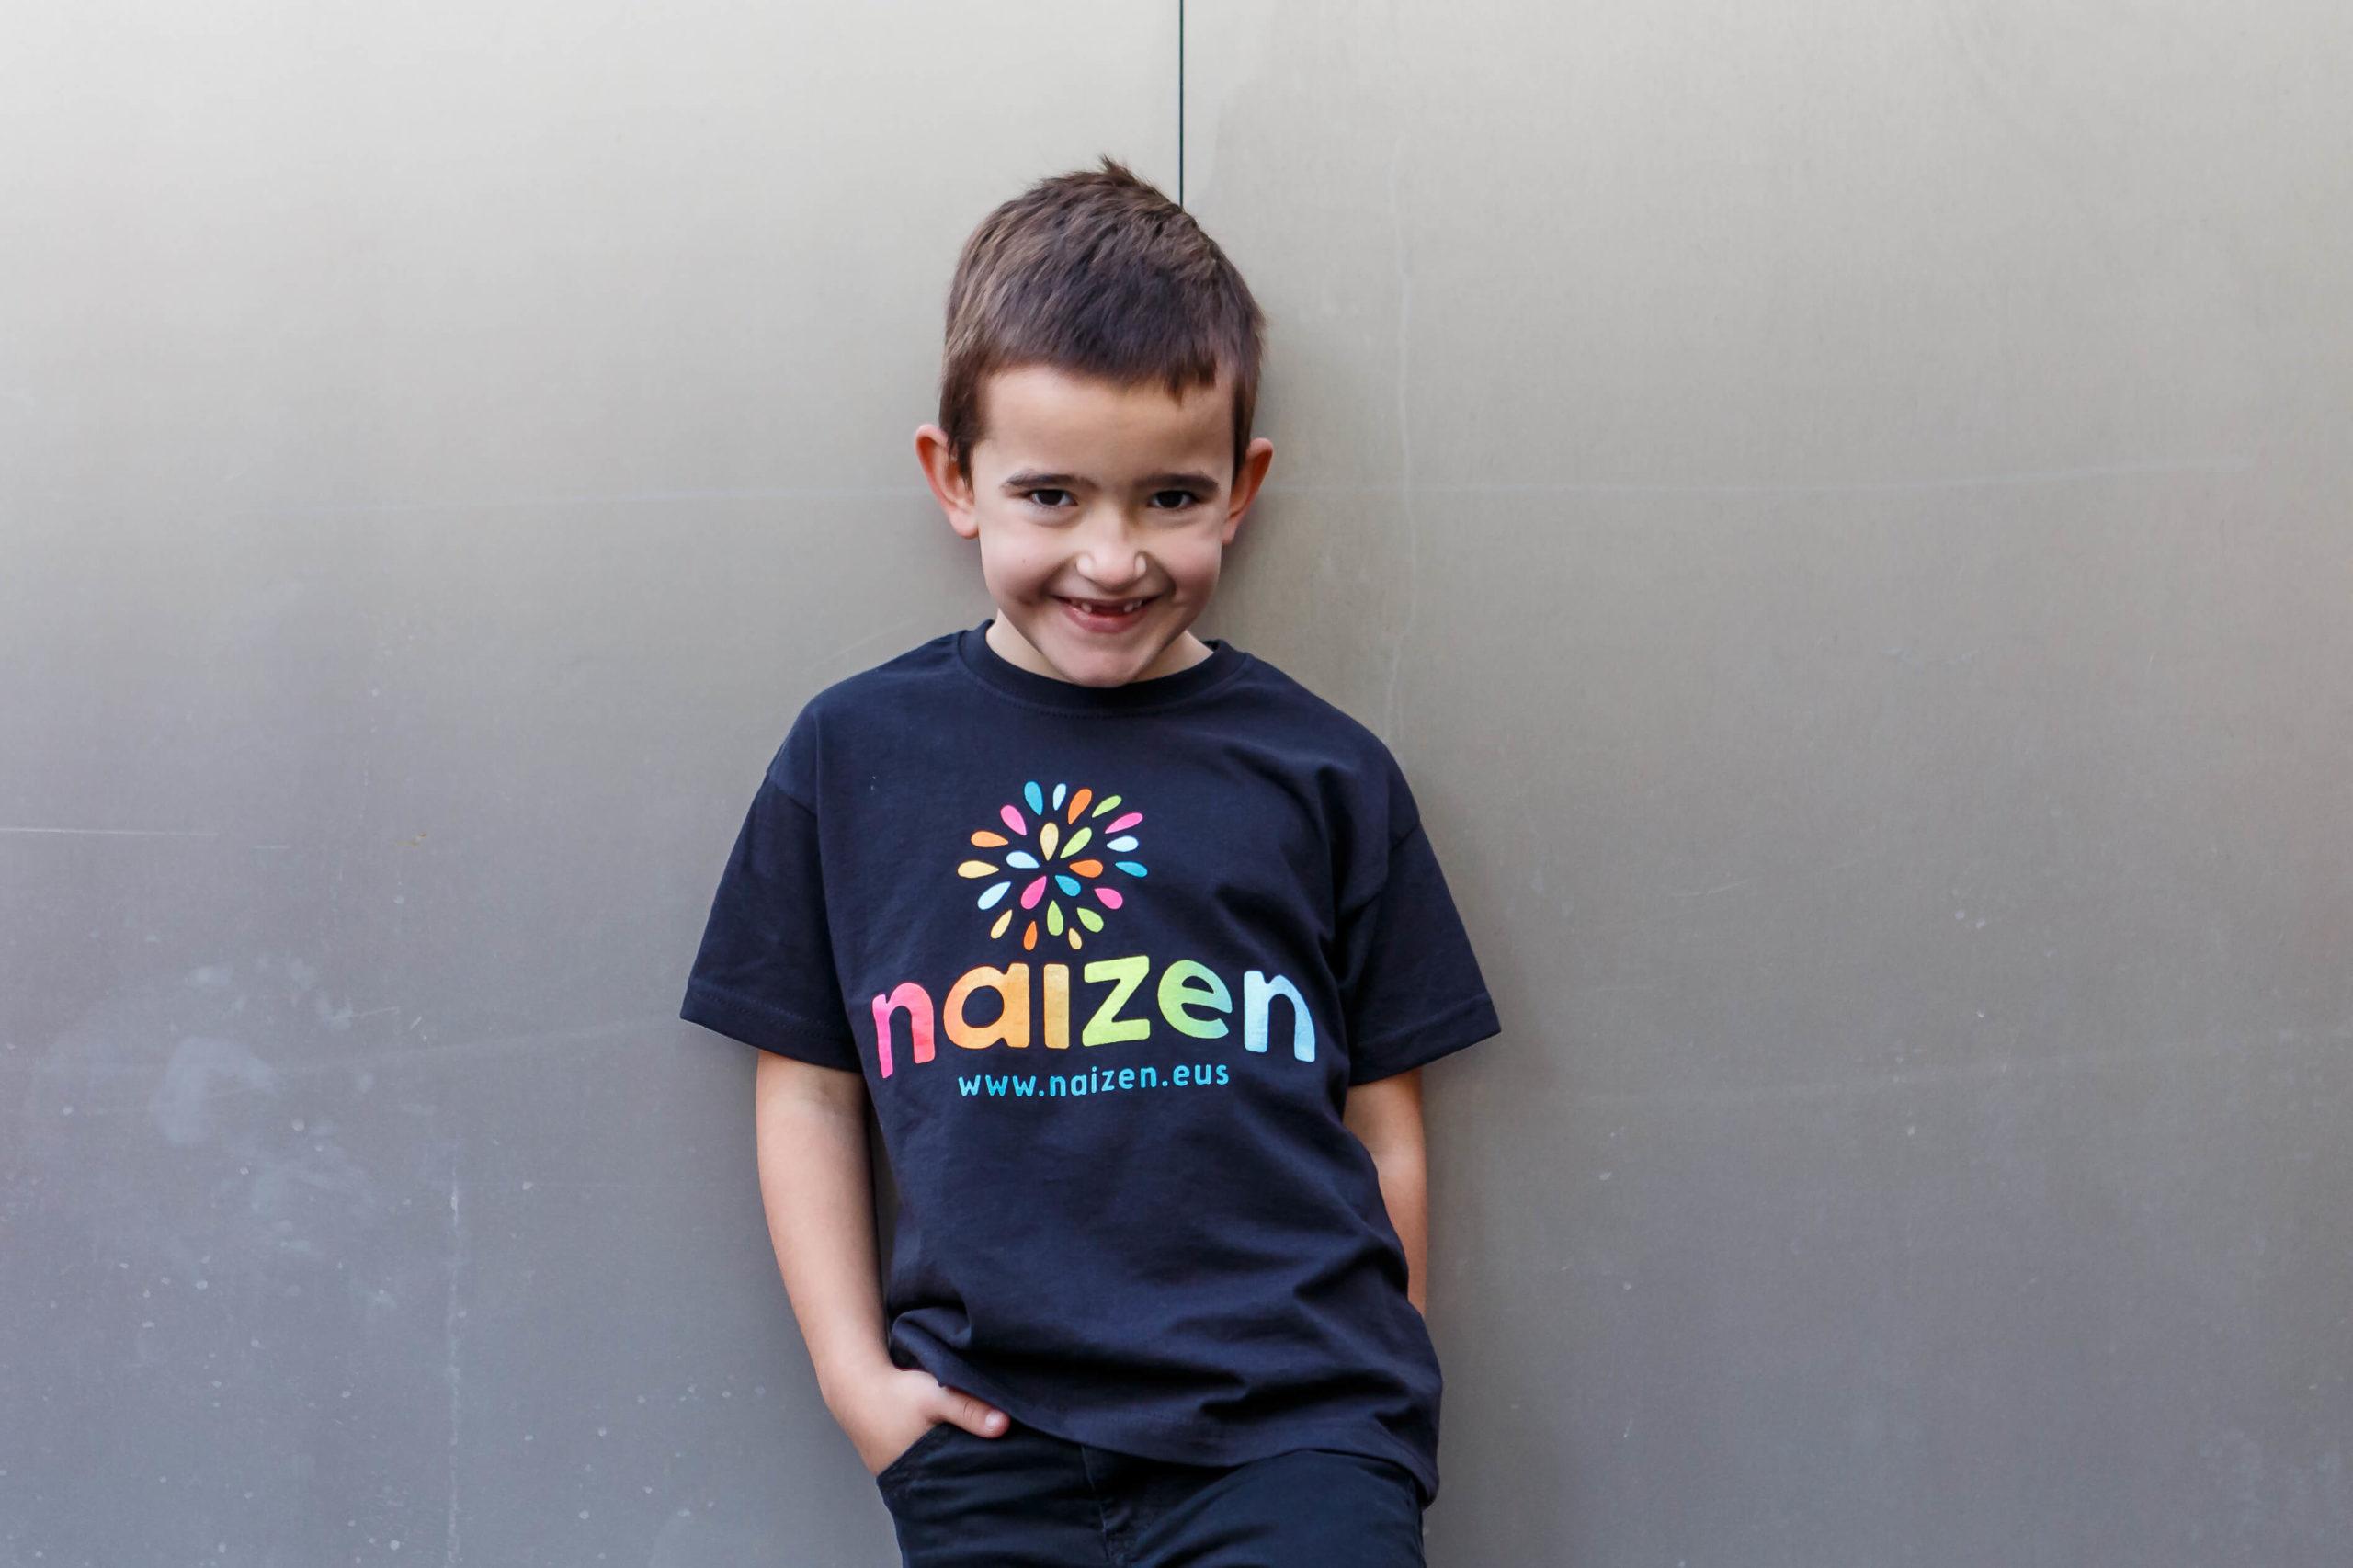 Naizen-camisetas-3